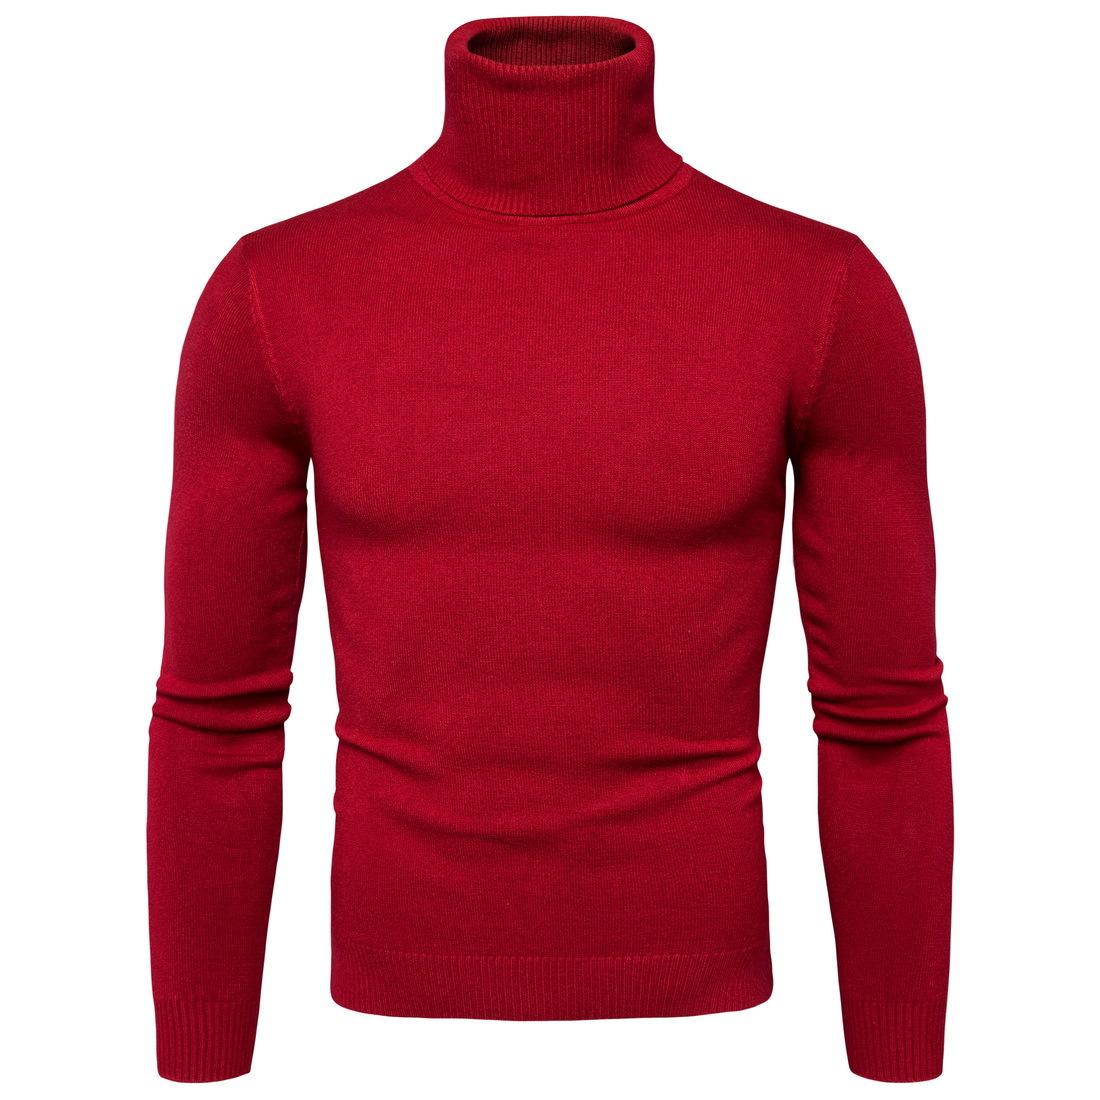 พร้อมส่ง เสื้อไหมพรมผู้ชาย สีแดง คอเต่า แขนยาว สเวตเตอร์ผู้ชาย แฟชั่นหน้าหนาว